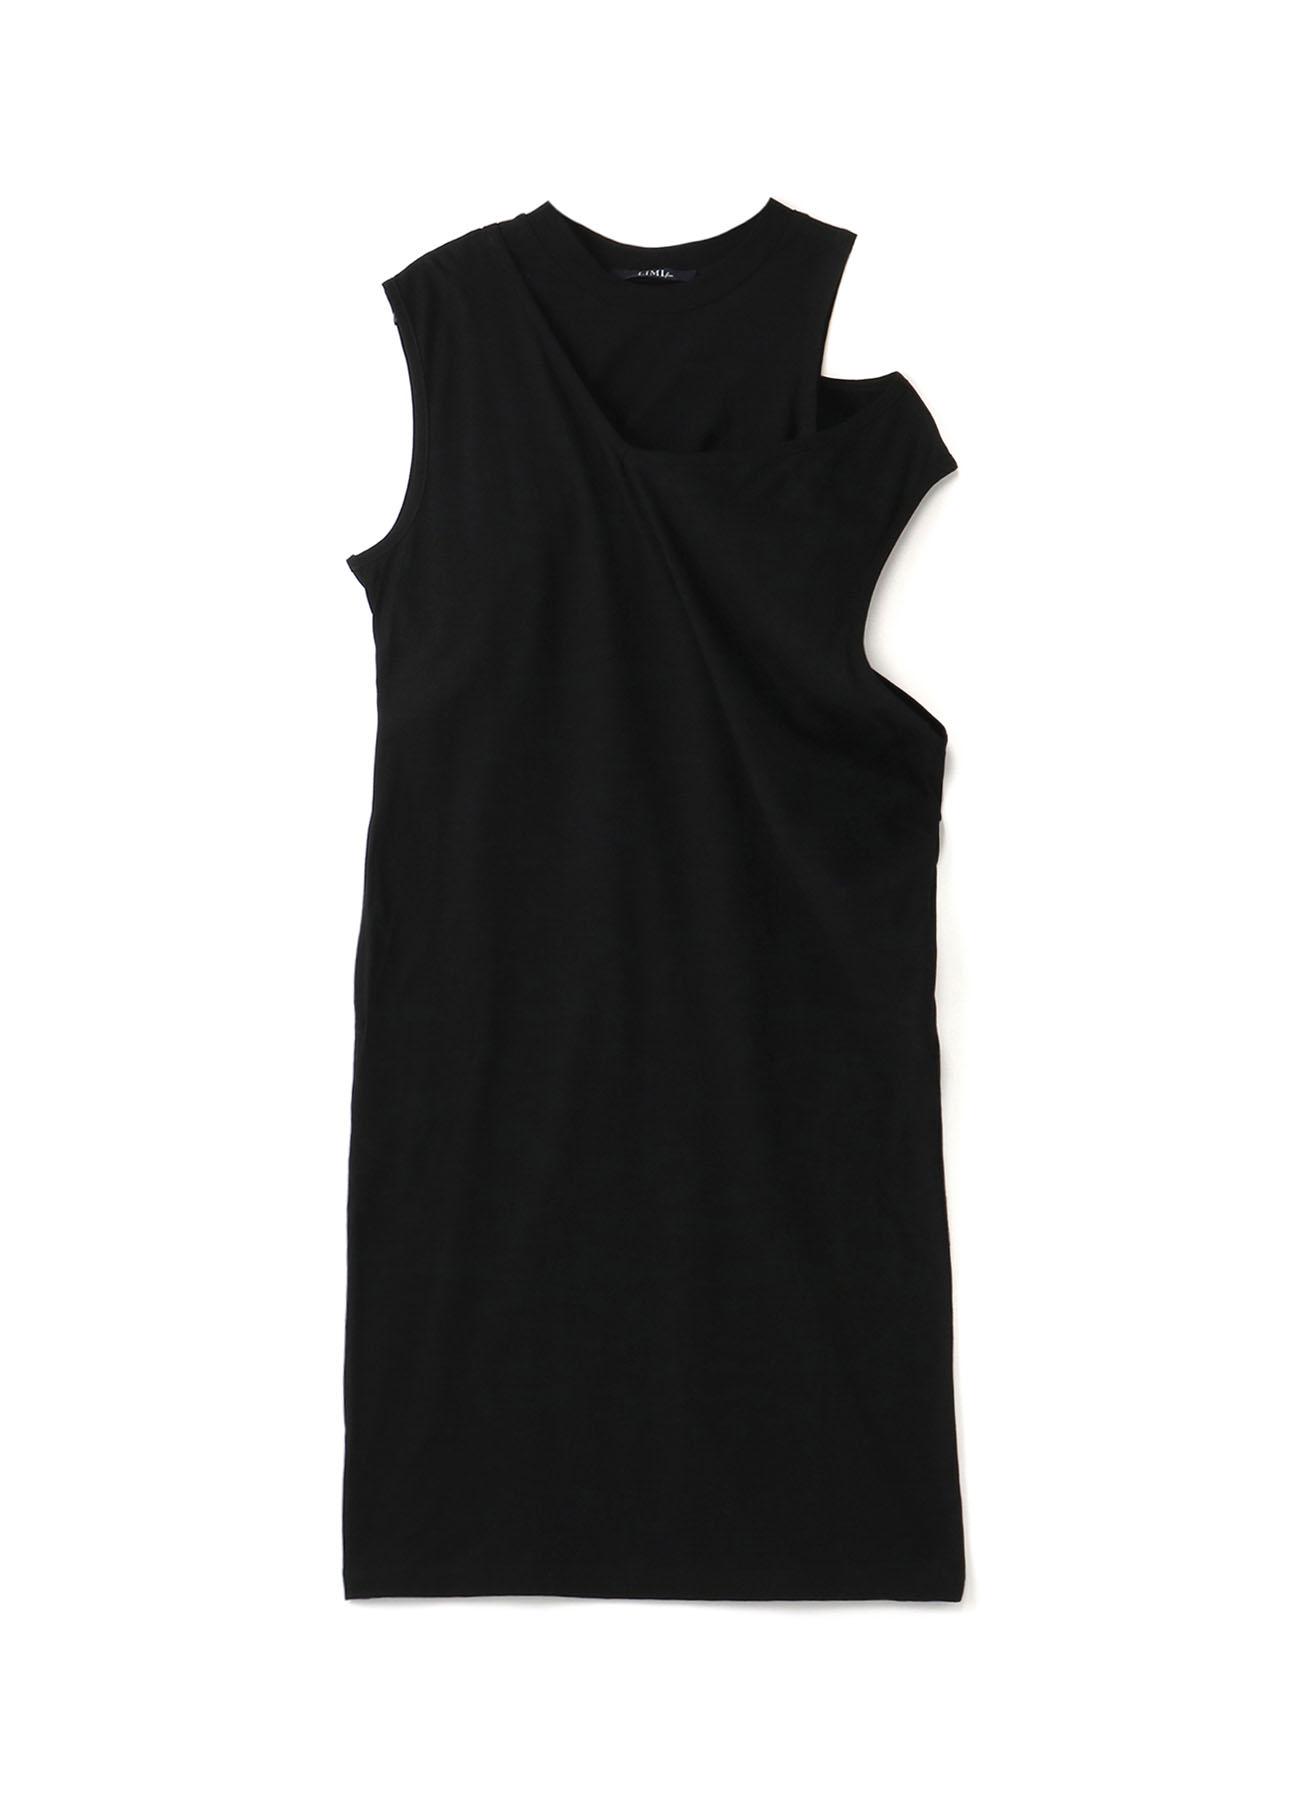 Cotton Dry Plain Stitch Layered Dress